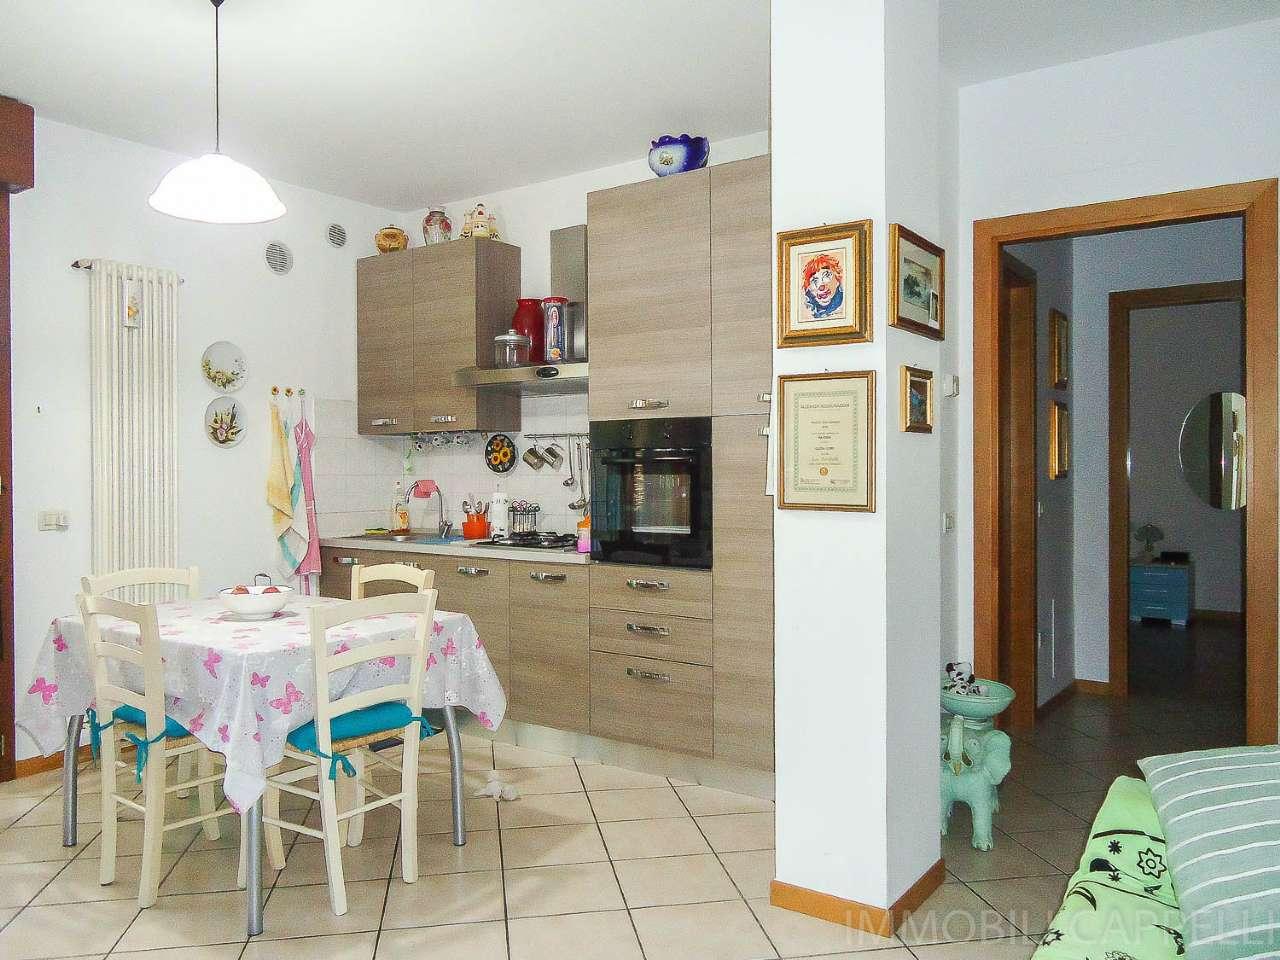 Appartamento in vendita a Cesena, 2 locali, prezzo € 172.000 | CambioCasa.it